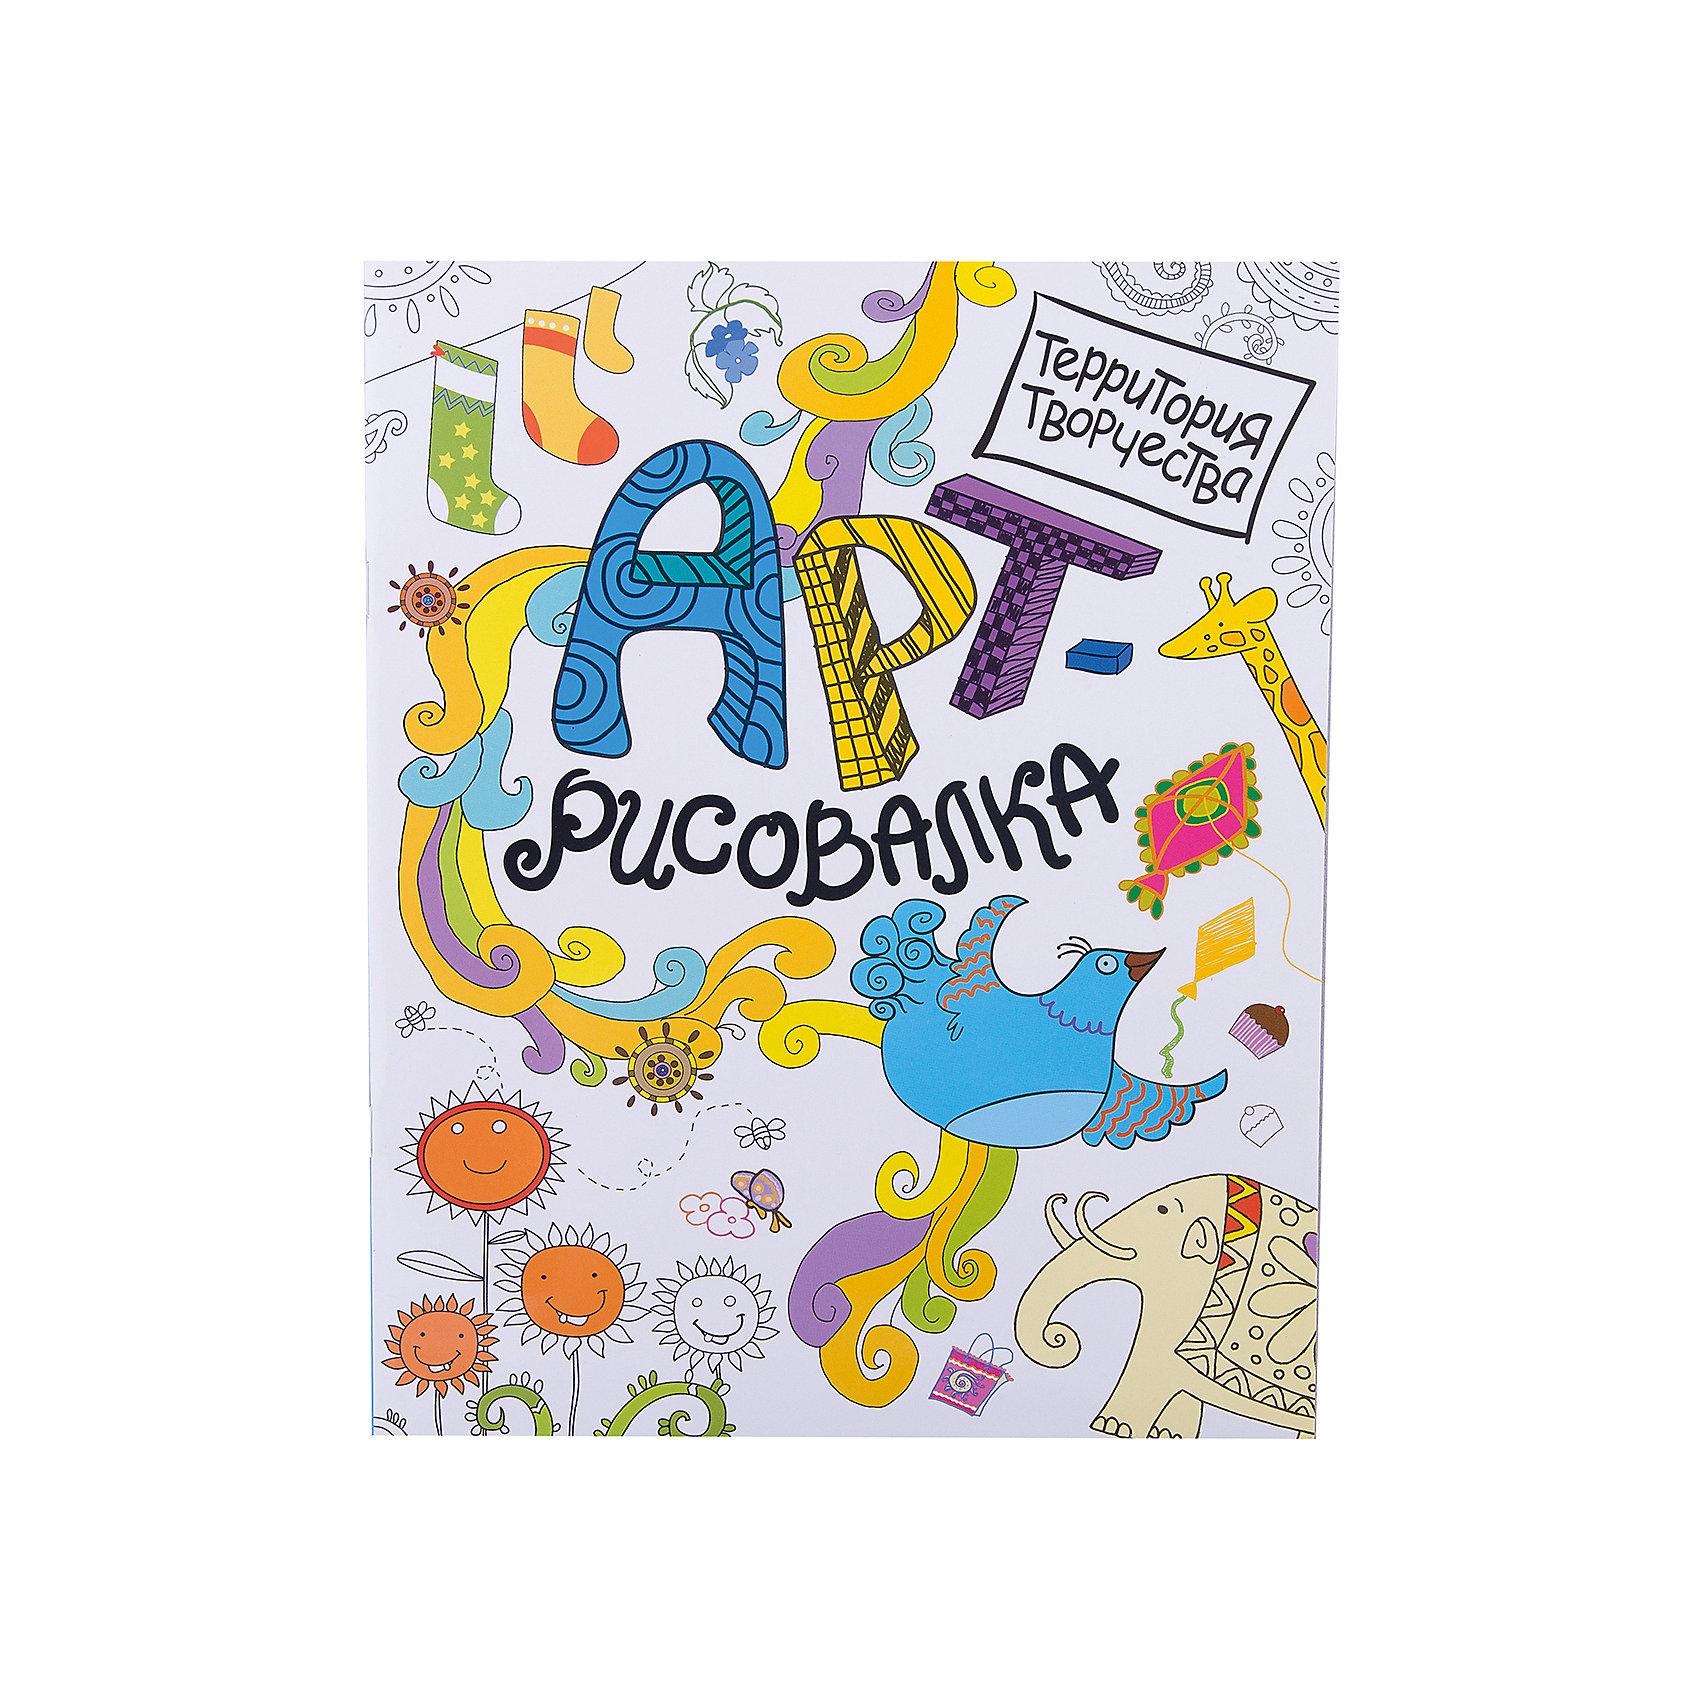 Арт-рисовалка Птица счастьяРисование<br>Арт-рисовалка Птица счастья - необычная раскраска и альбом для рисования, которая поможет Вашему ребенку развить свои творческие способности. Веселые креативные задания, необычные забавные персонажи и красочные картинки открывают неограниченный простор для творческой фантазии. Арт-рисовалки - это территория творчества!<br><br>Дополнительная информация:<br><br>- Обложка: мягкая.<br>- Иллюстрации: цветные + черно-белые.<br>- Объем: 16 стр.<br>- Размер: 27,5 х 21,2 х 0,2 см.<br>- Вес: 73 гр.<br><br>Арт-рисовалку Птица счастья, Росмэн, можно купить в нашем интернет-магазине.<br><br>Ширина мм: 275<br>Глубина мм: 212<br>Высота мм: 2<br>Вес г: 73<br>Возраст от месяцев: 18<br>Возраст до месяцев: 48<br>Пол: Унисекс<br>Возраст: Детский<br>SKU: 4046792